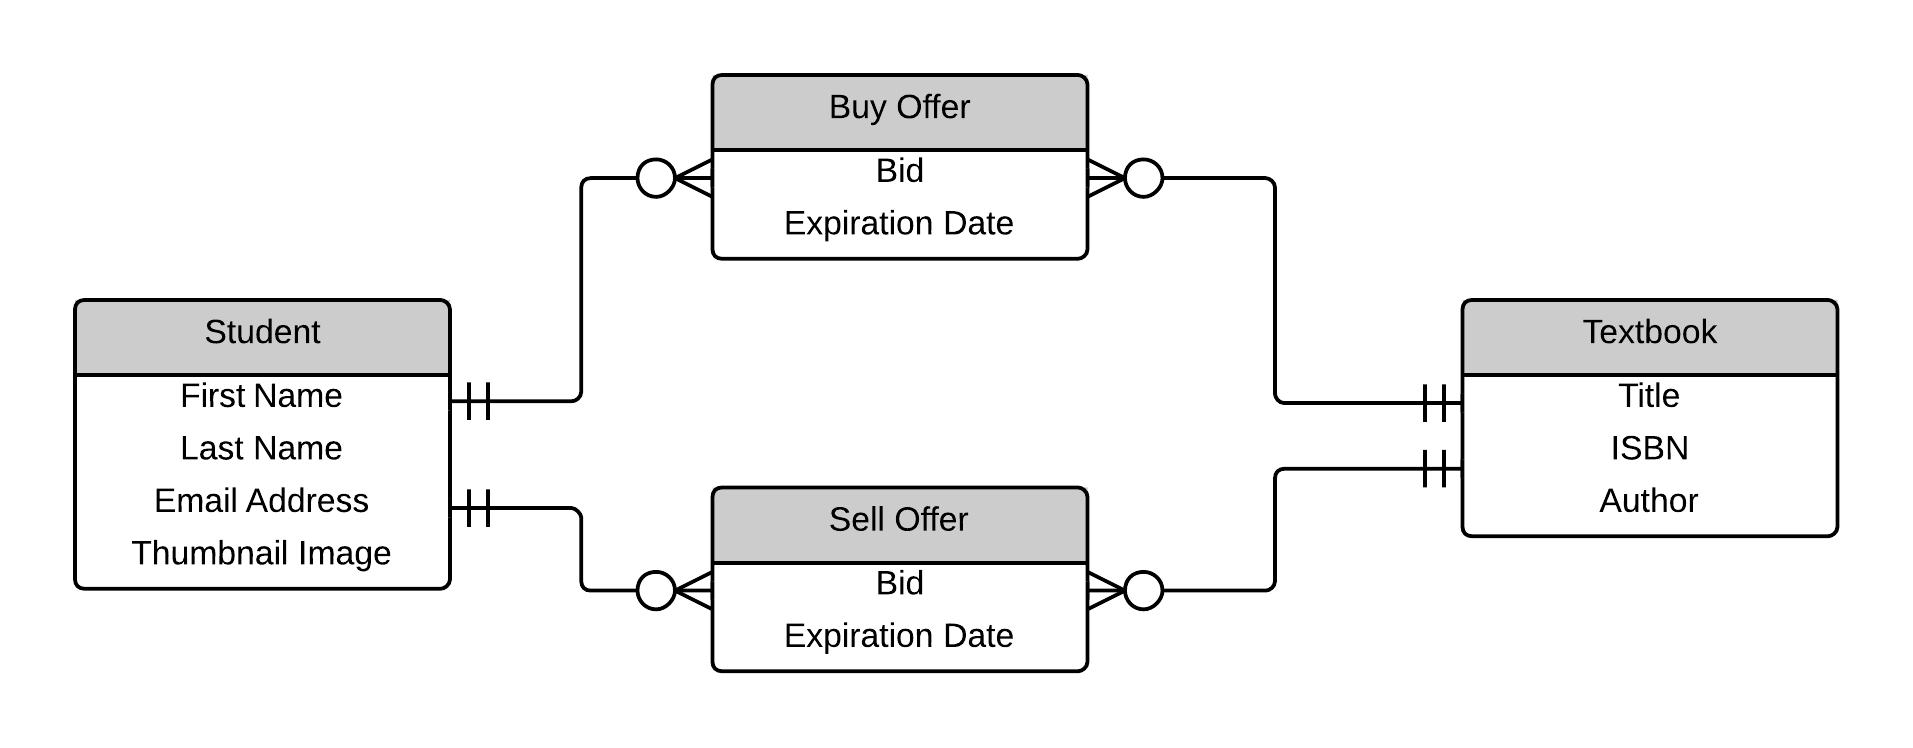 Textbook Mania Er Diagram Wod | Evan Komiyama pertaining to A Simple Er Diagram